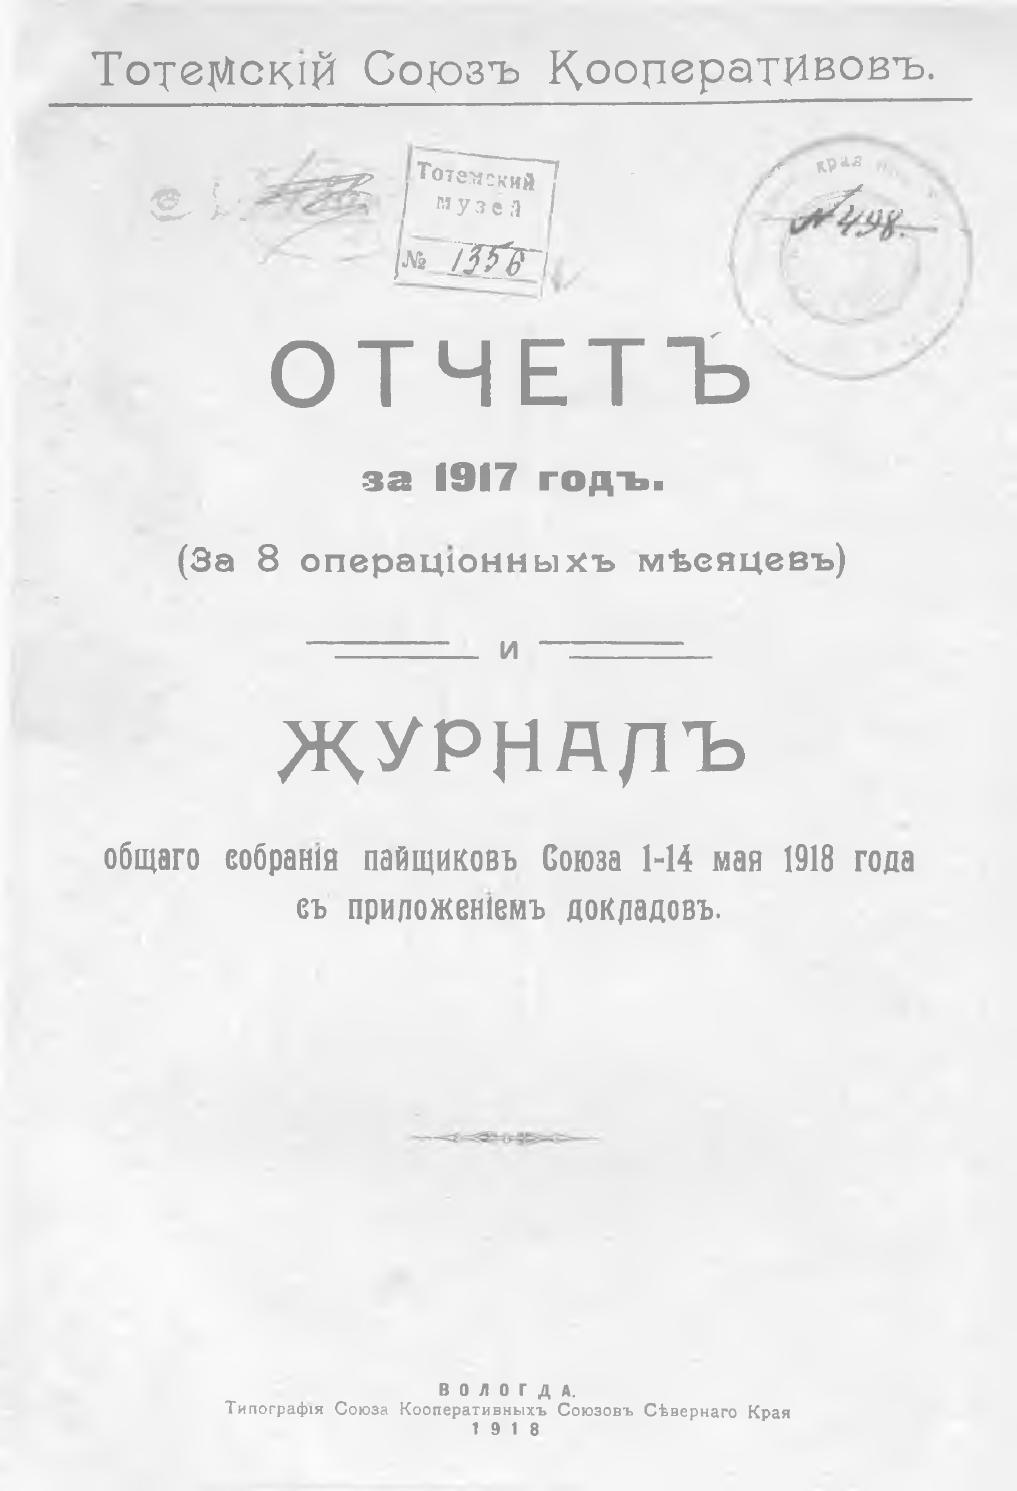 Отчет за 1917 год (За 8 операционных месяцев) и журналы общего собрания пайщиков  Союза